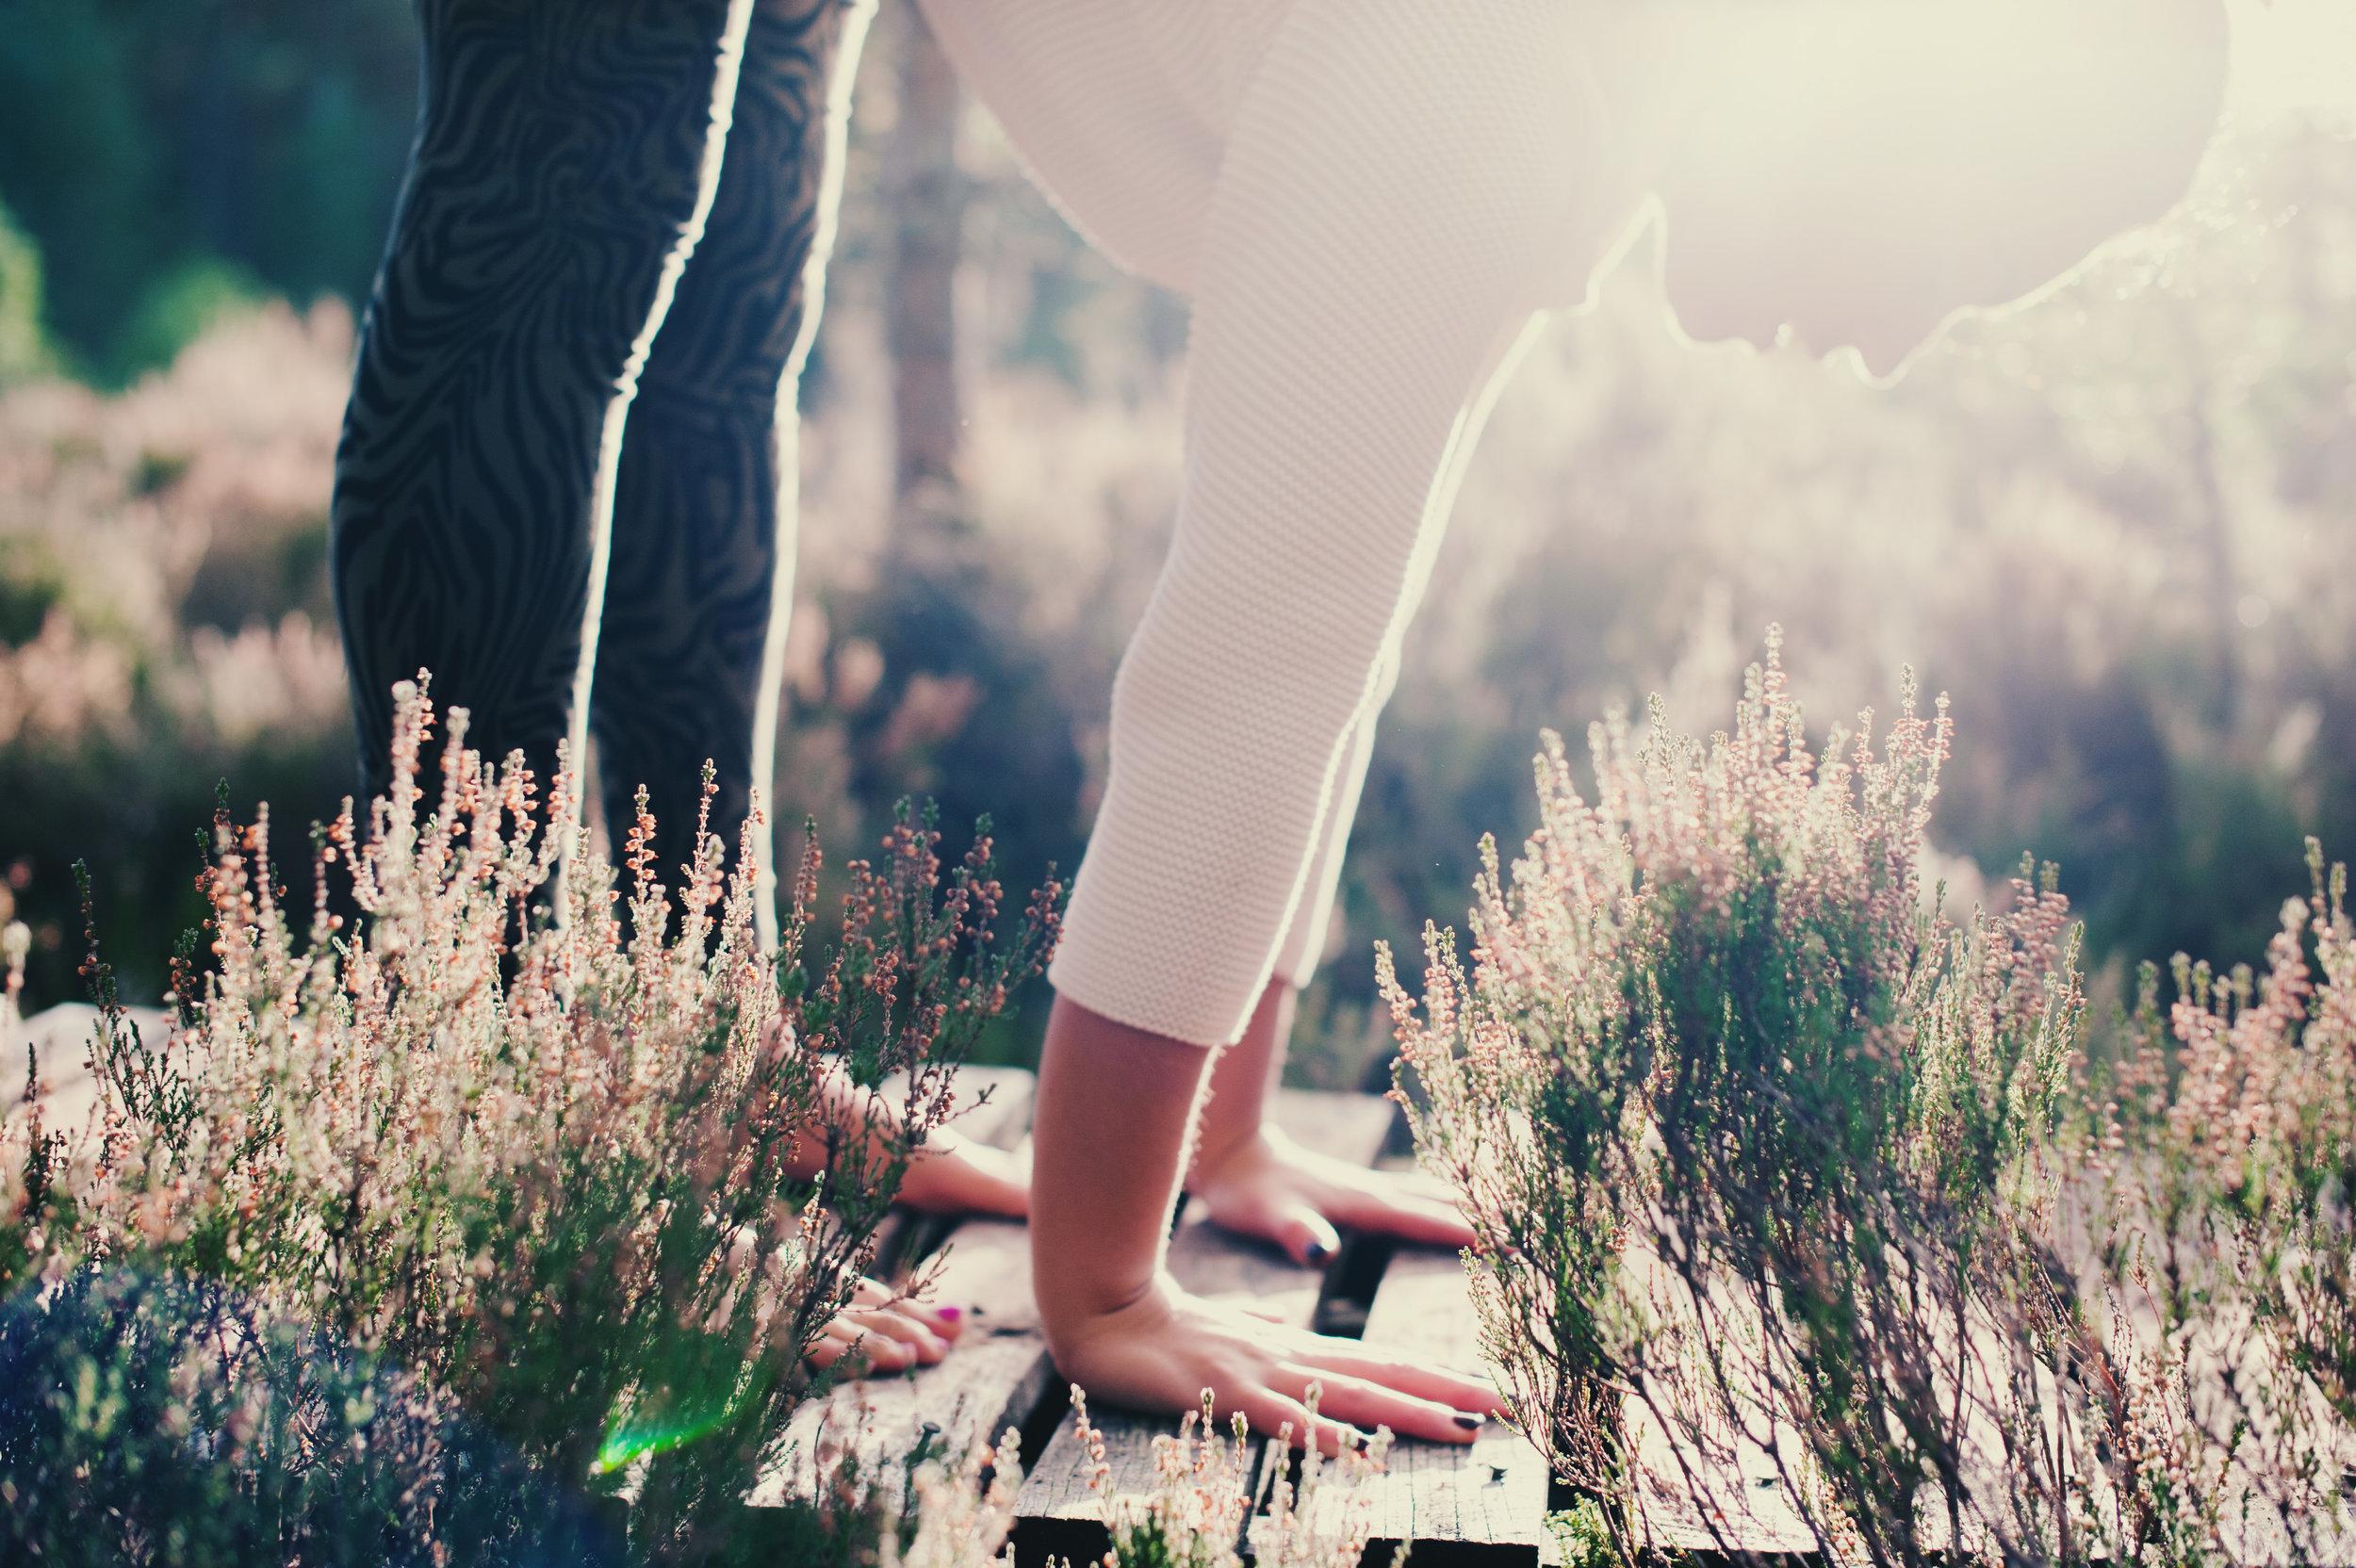 yoga-picture-scottish-highlands-hände-sonnenlicht.jpg